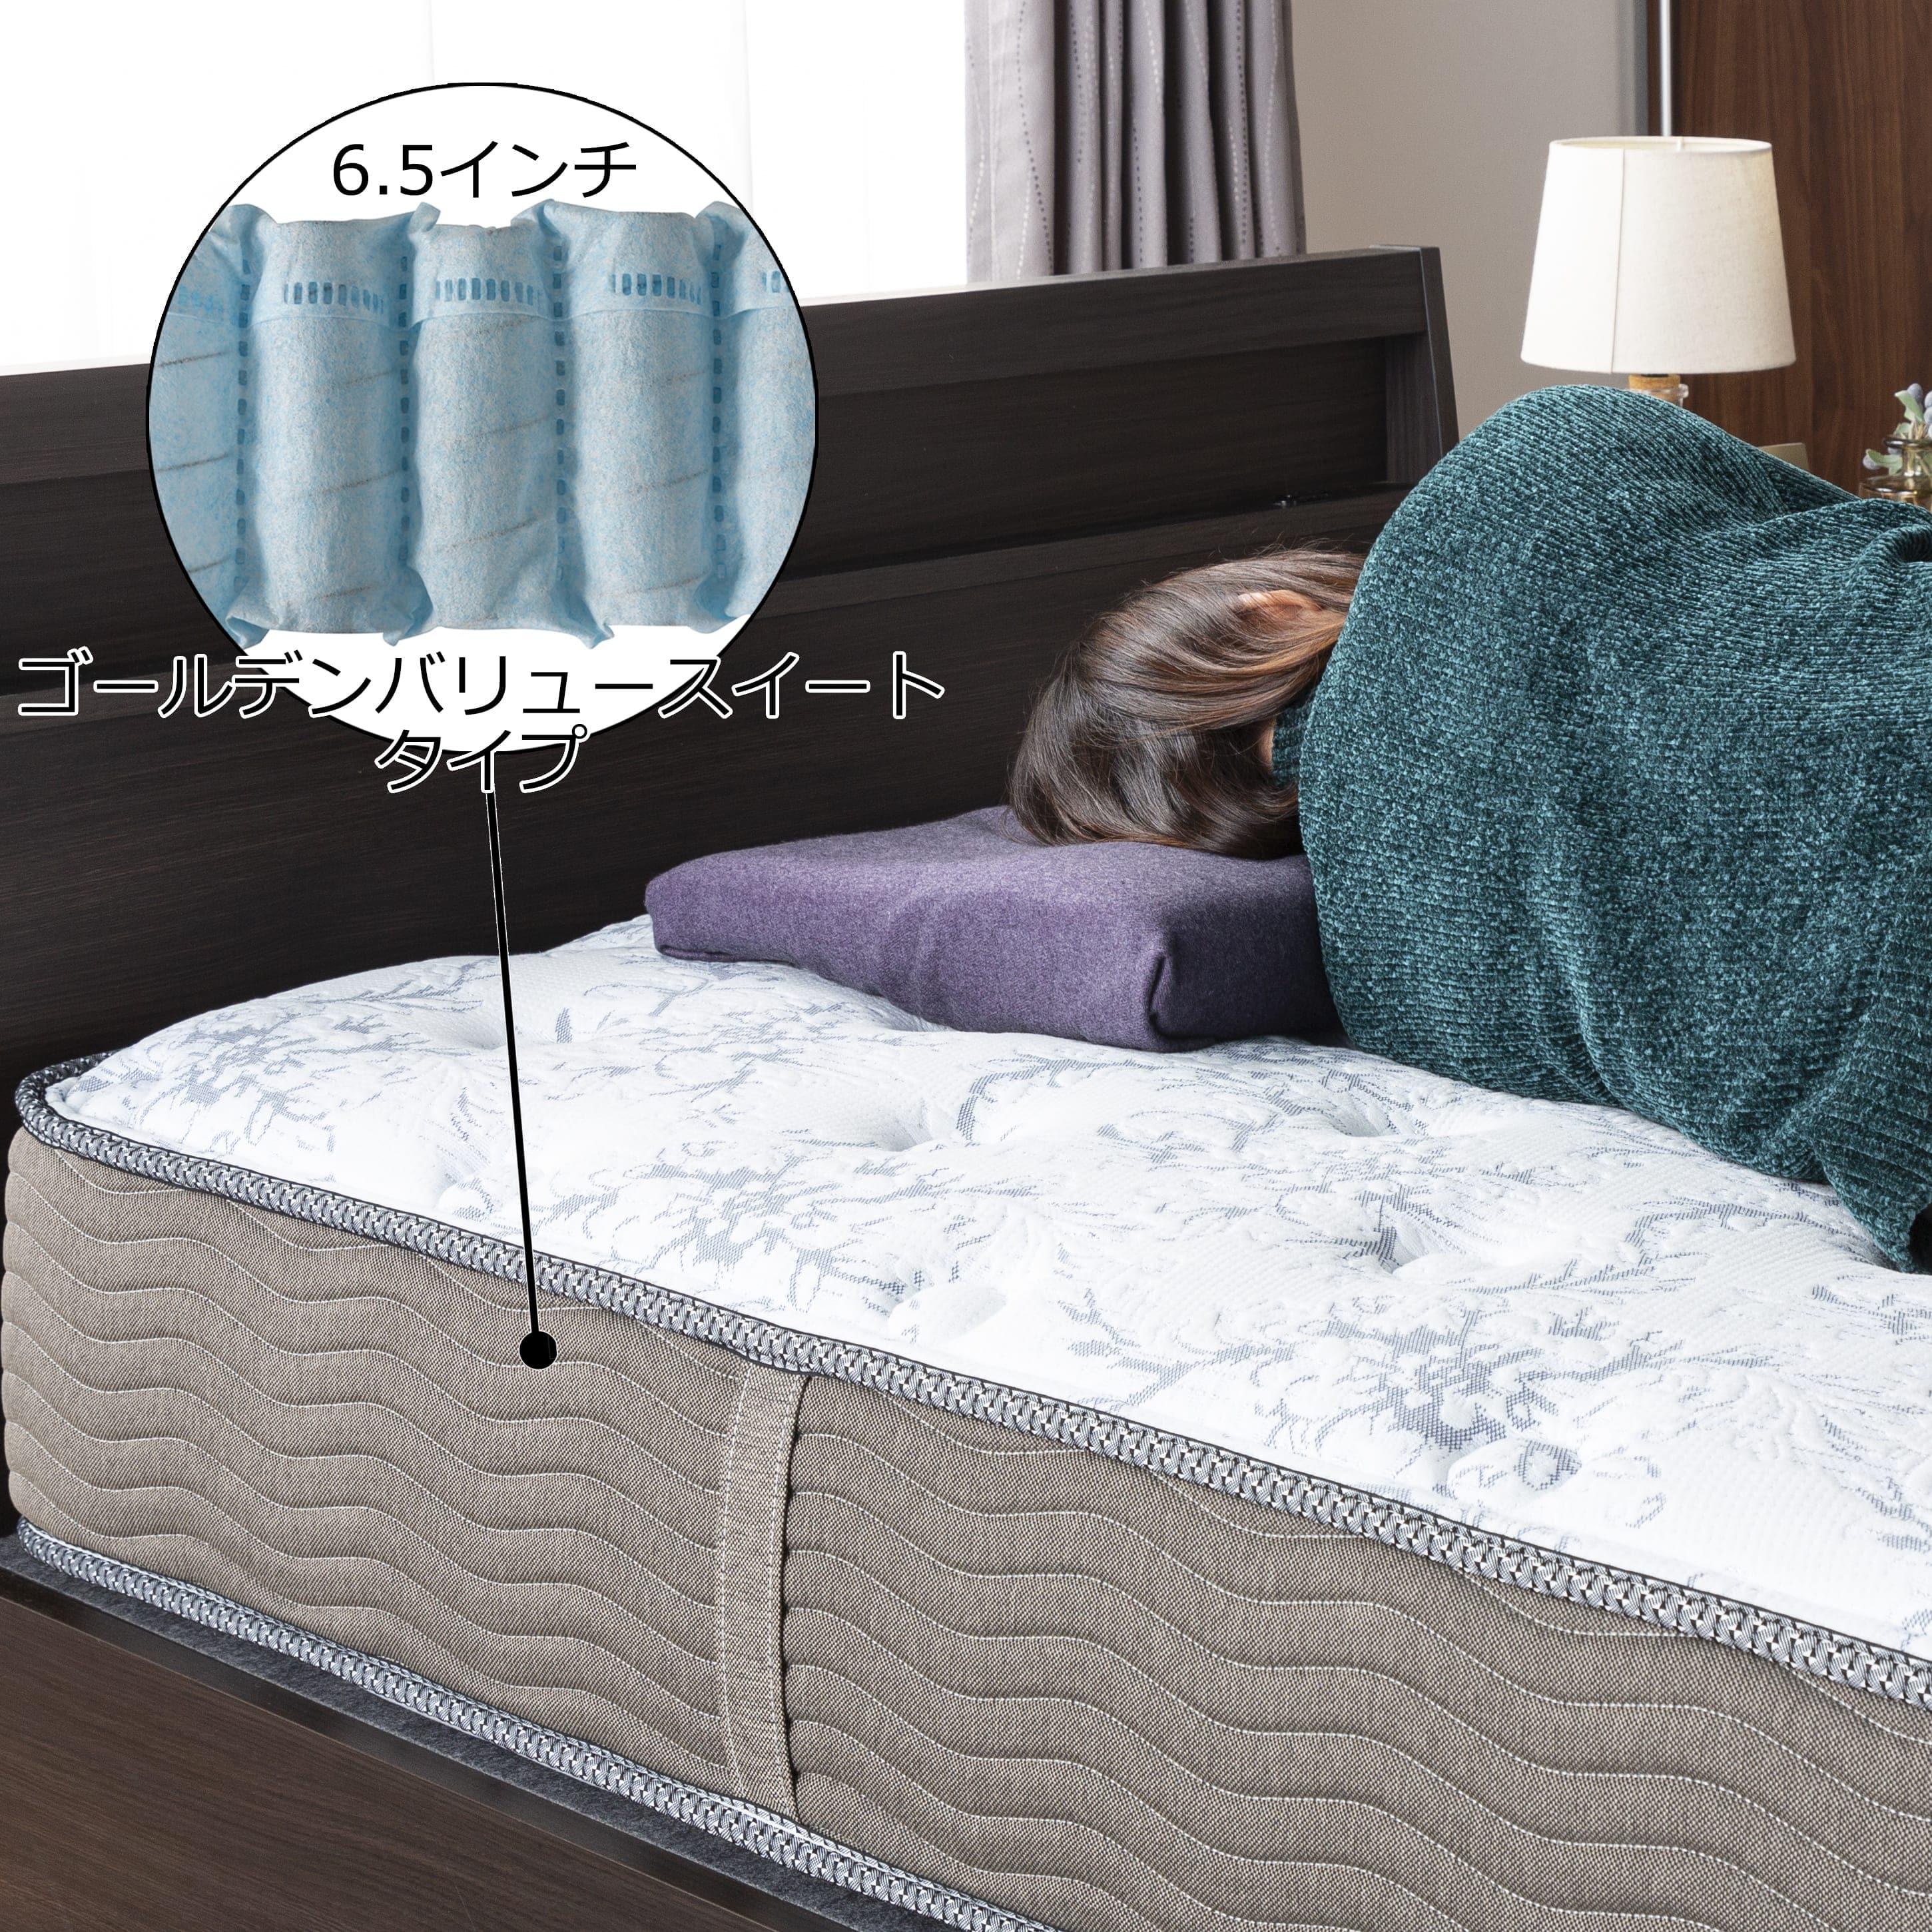 シモンズ 6.5インチGVスイートPRE AB15S09(シングルマットレス):ソフトな寝心地の、ニューフィットタイプ